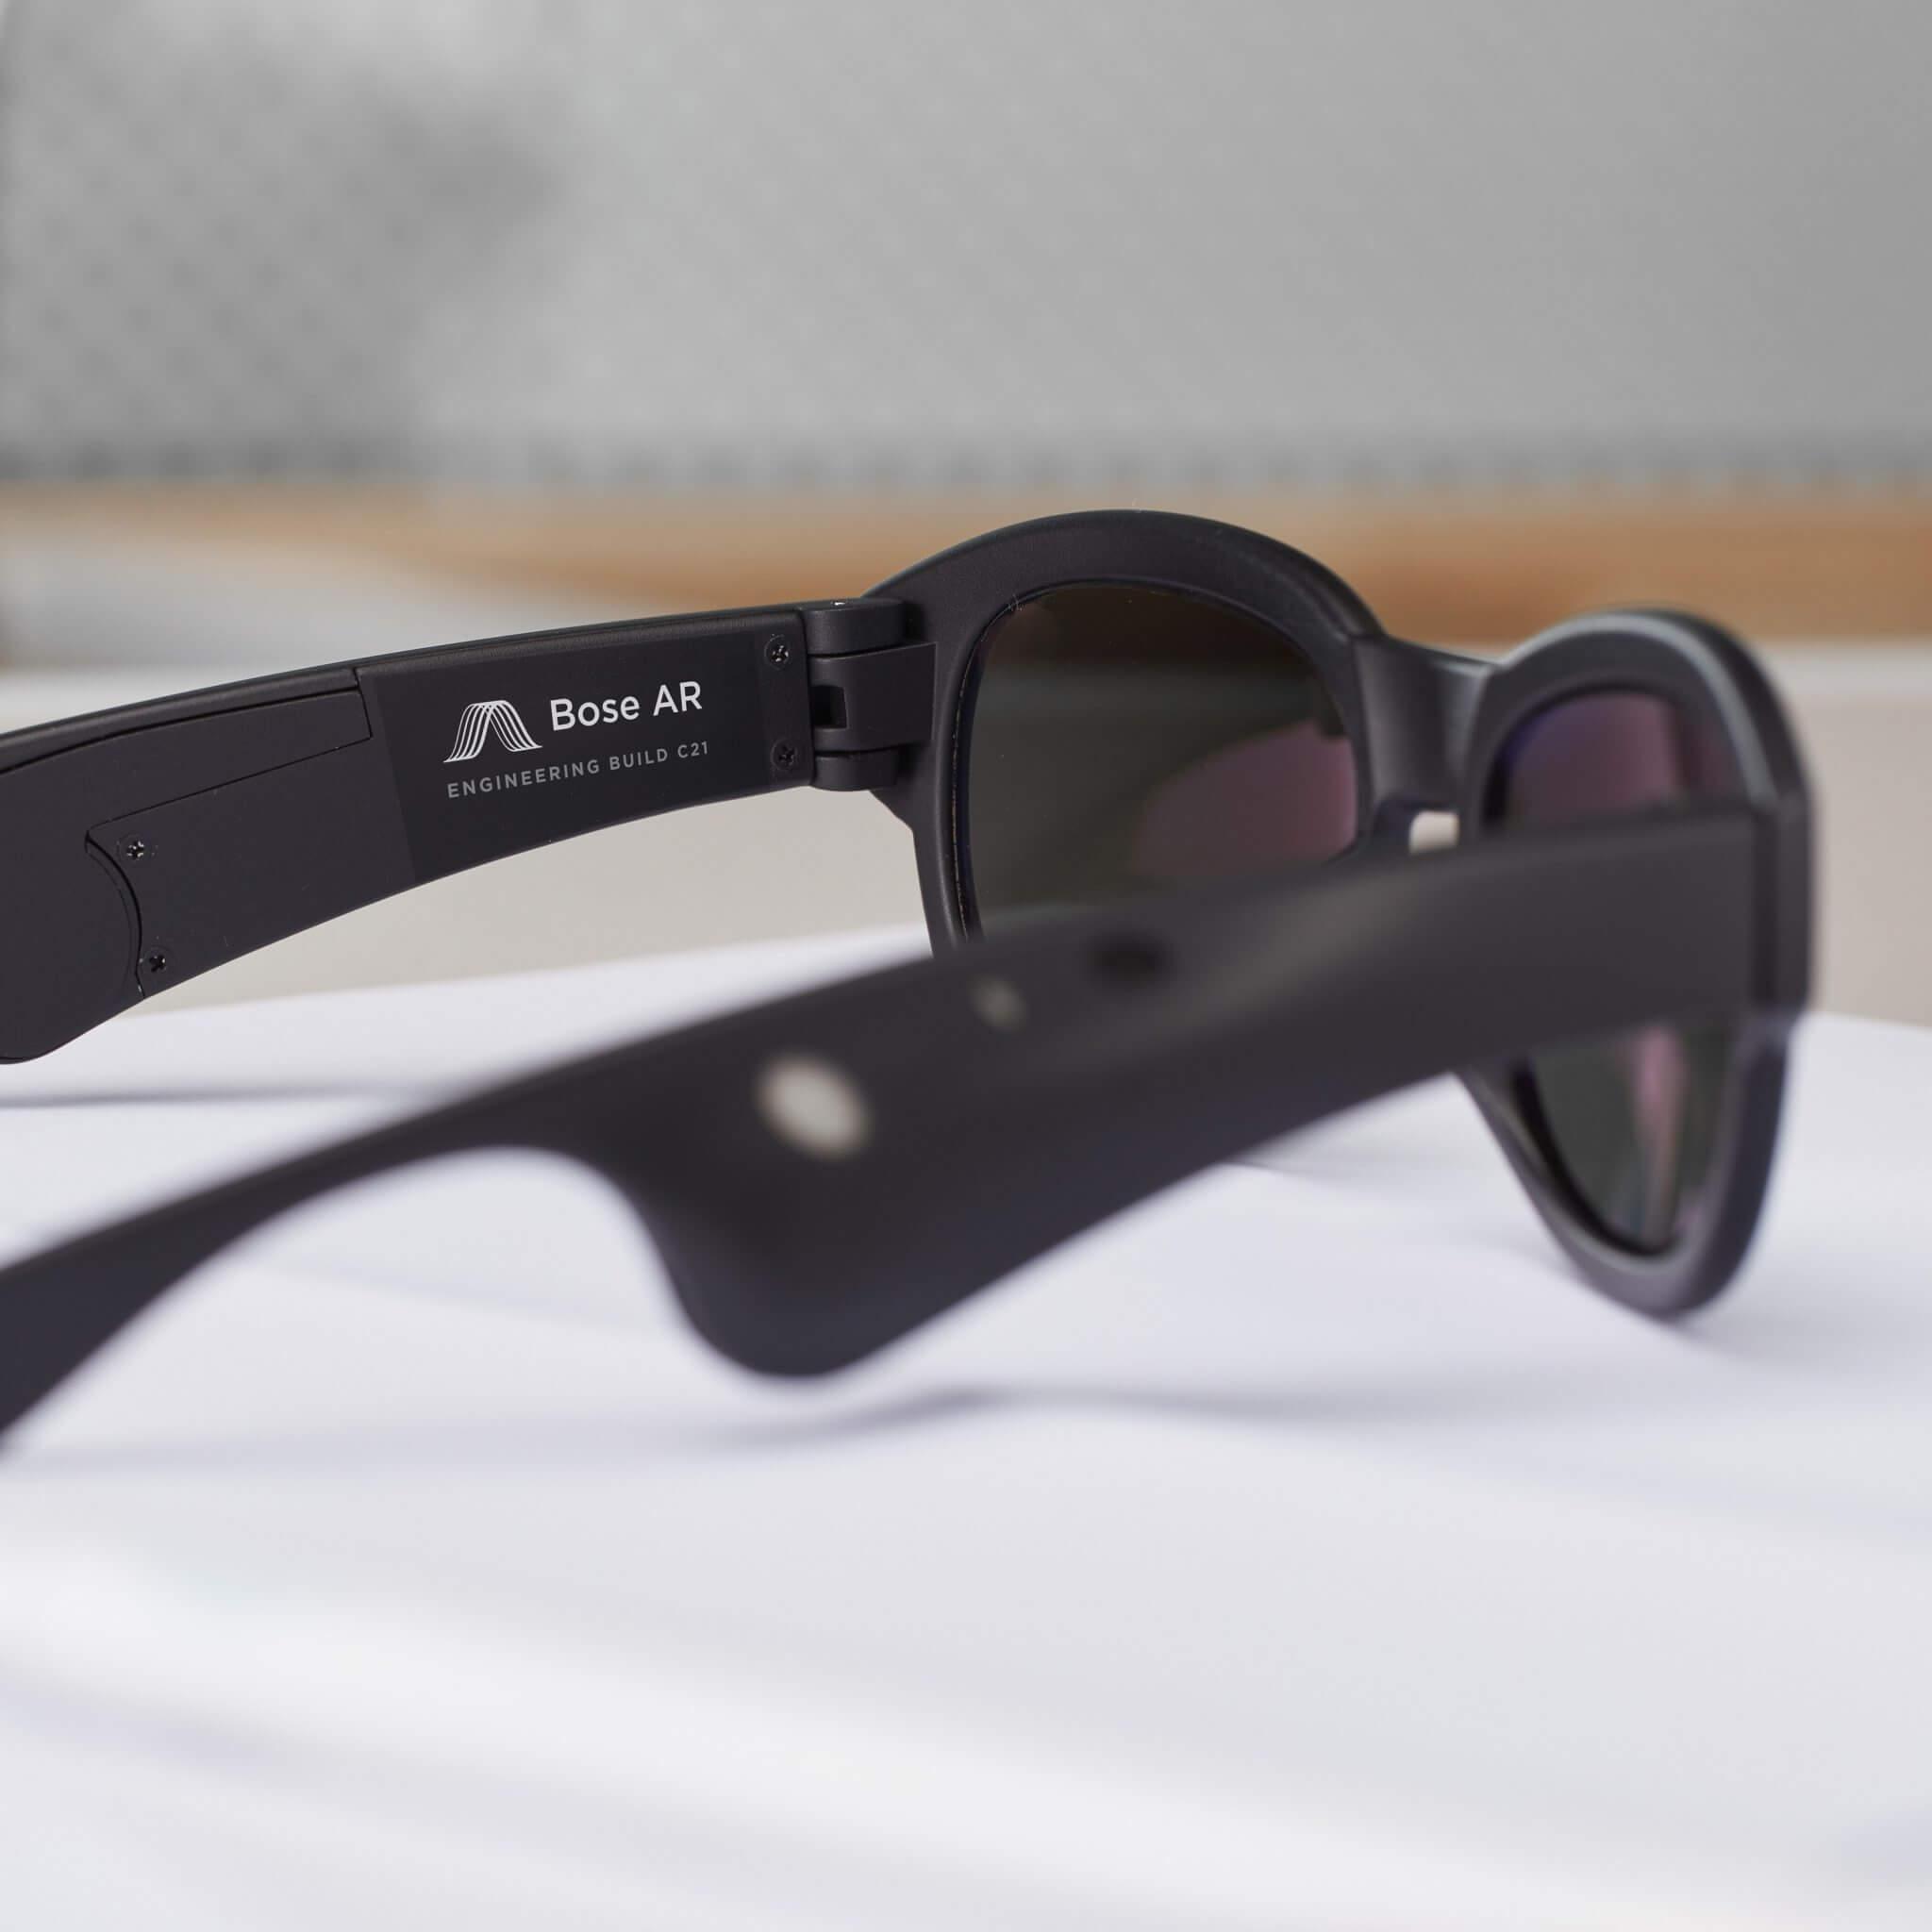 Óculos inteligentes permitem controlar a música com movimentos da cabeça. Além disso, os smart glasses da bose falam com você e lhe dão informações úteis sobre os seus arredores.